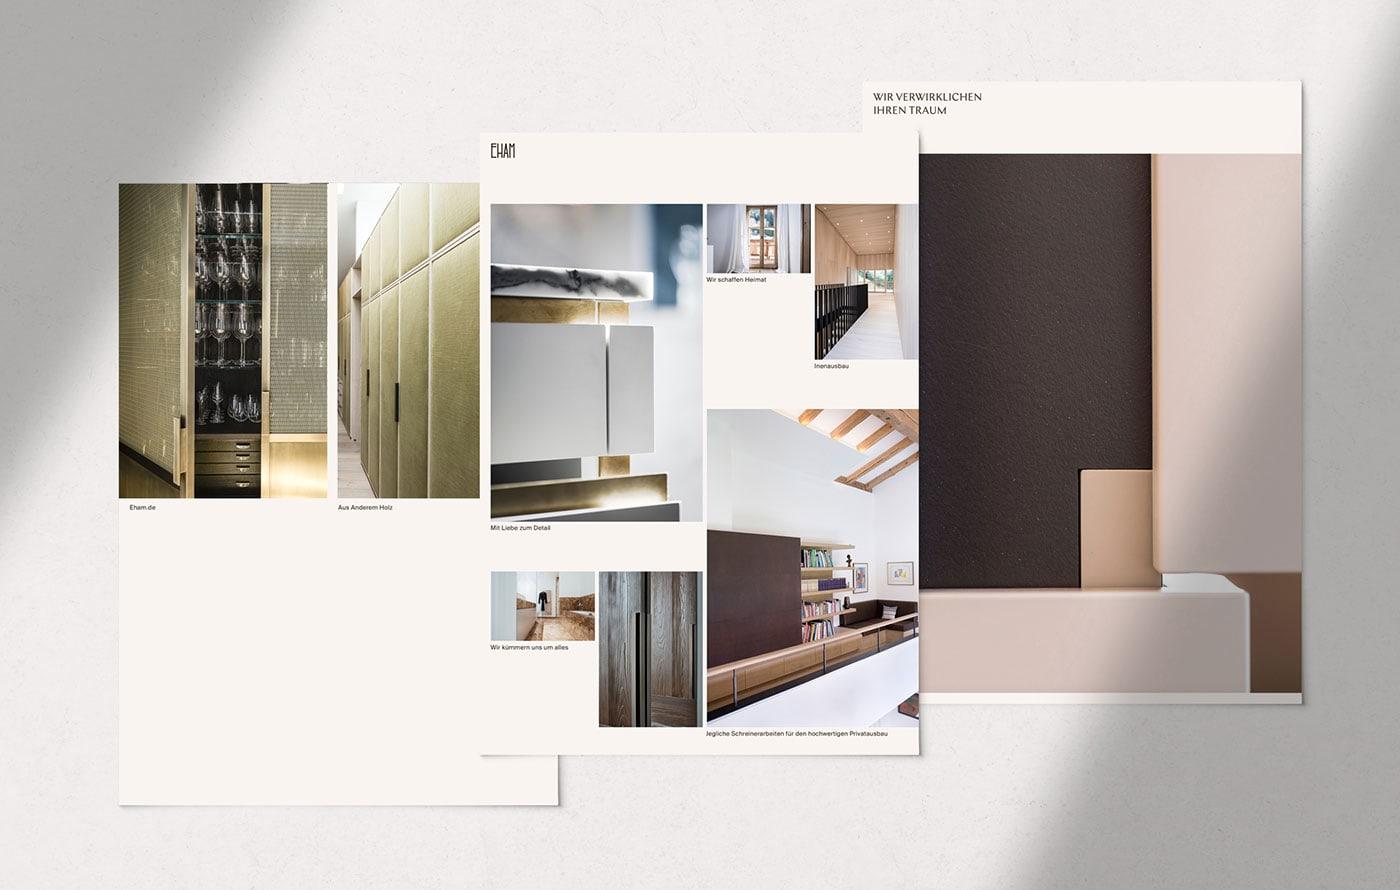 极简 留白!木工企业Eham品牌形象设计